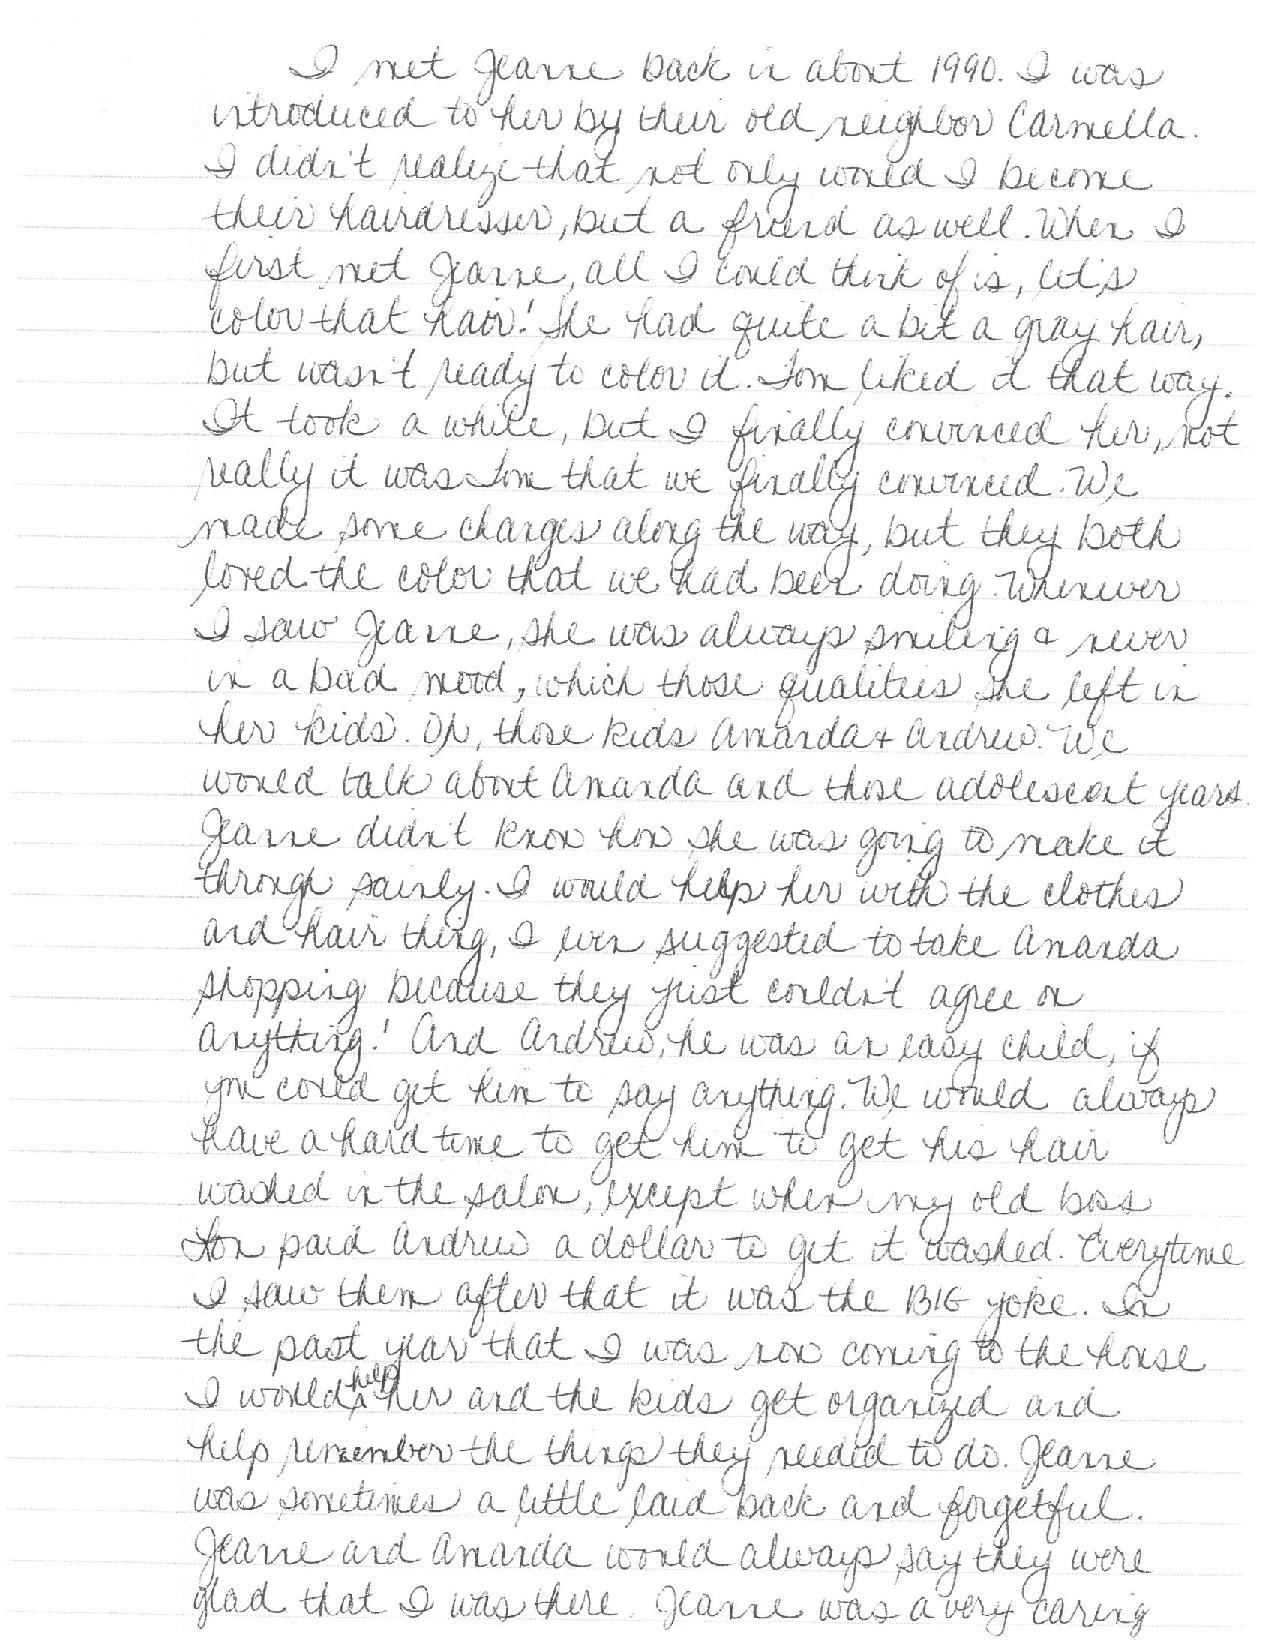 Goldie-page-001.jpg